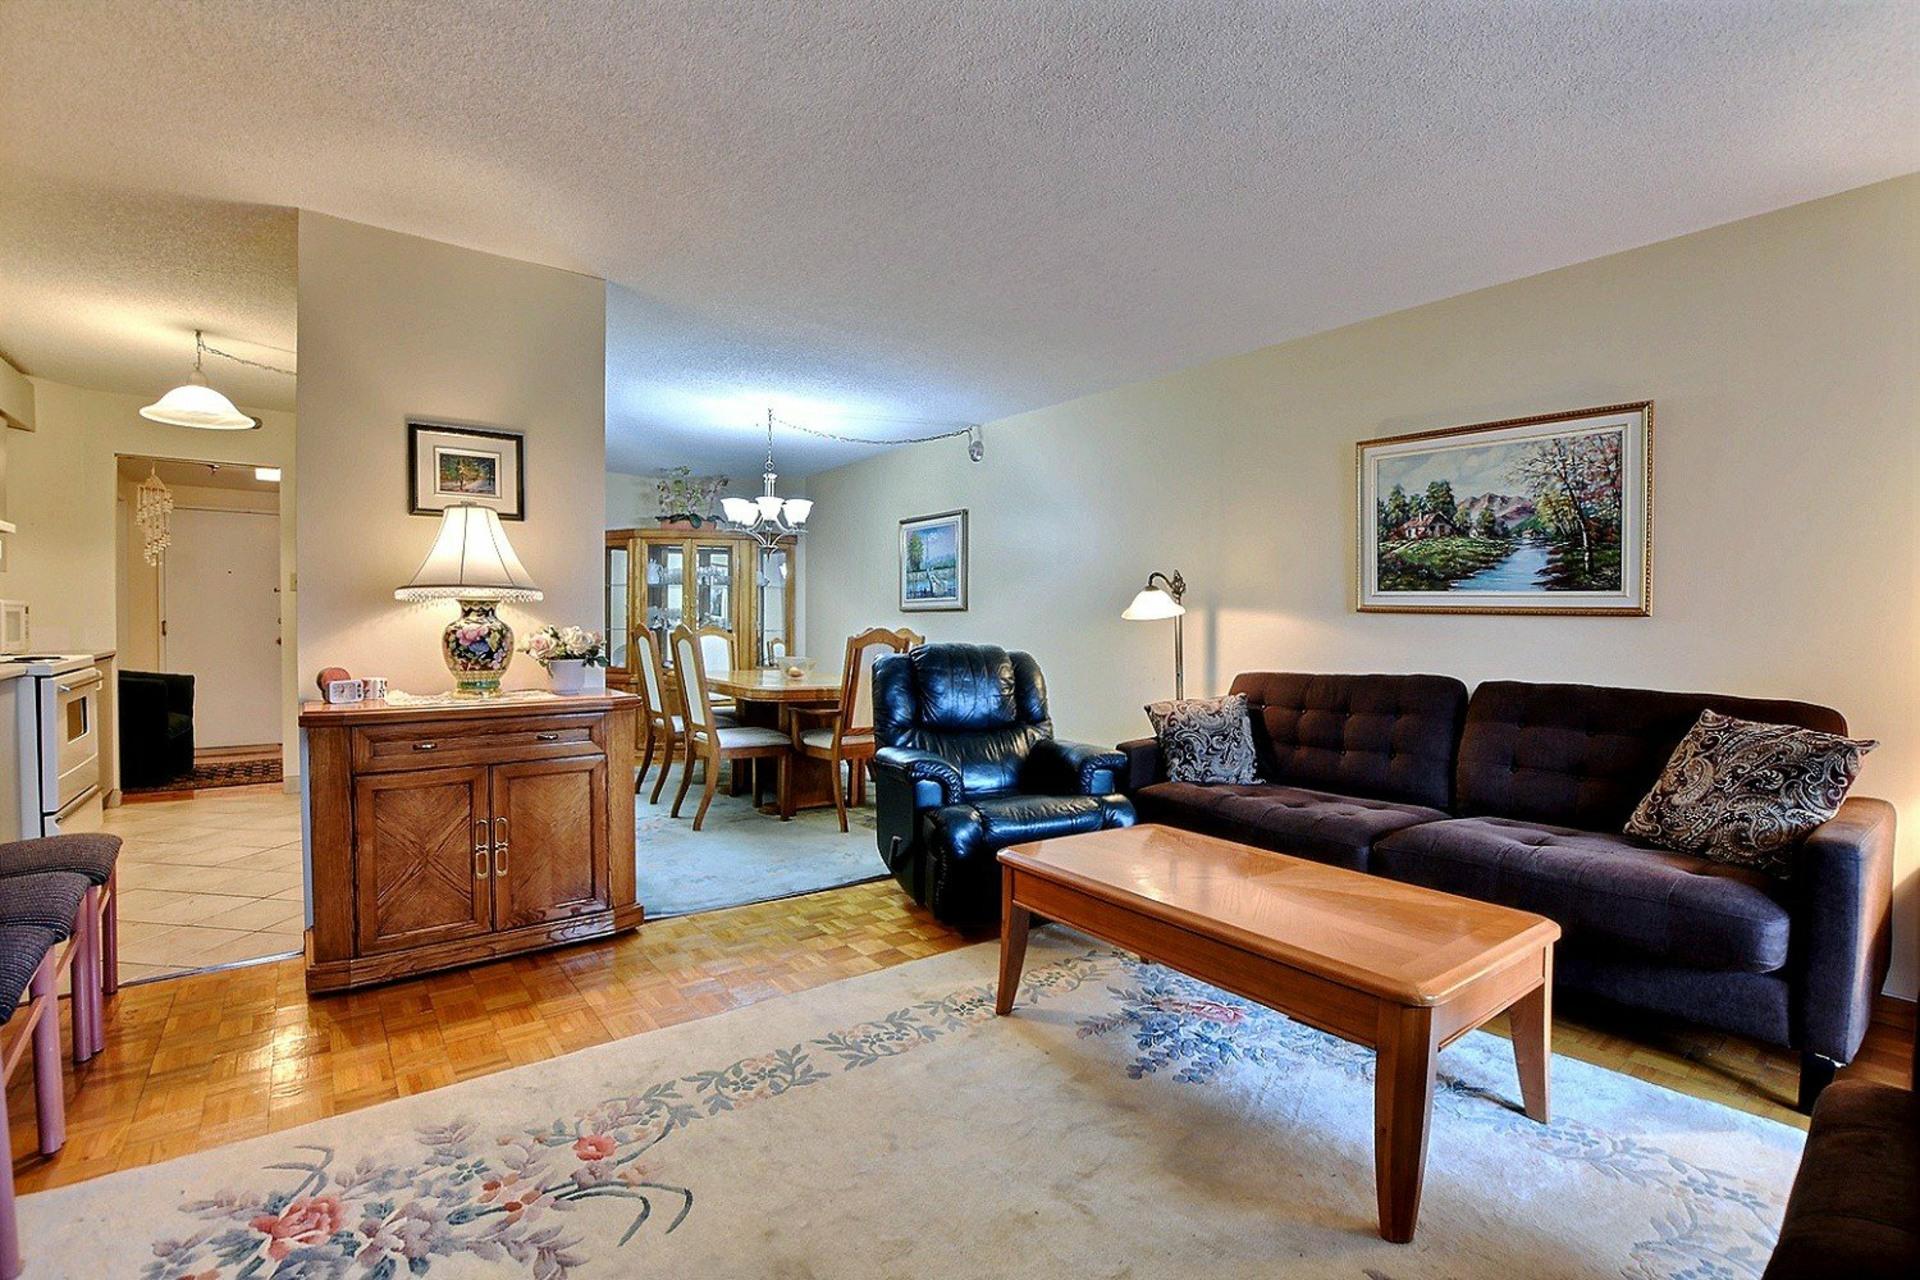 image 4 - Appartement À vendre Montréal Ville-Marie  - 3 pièces